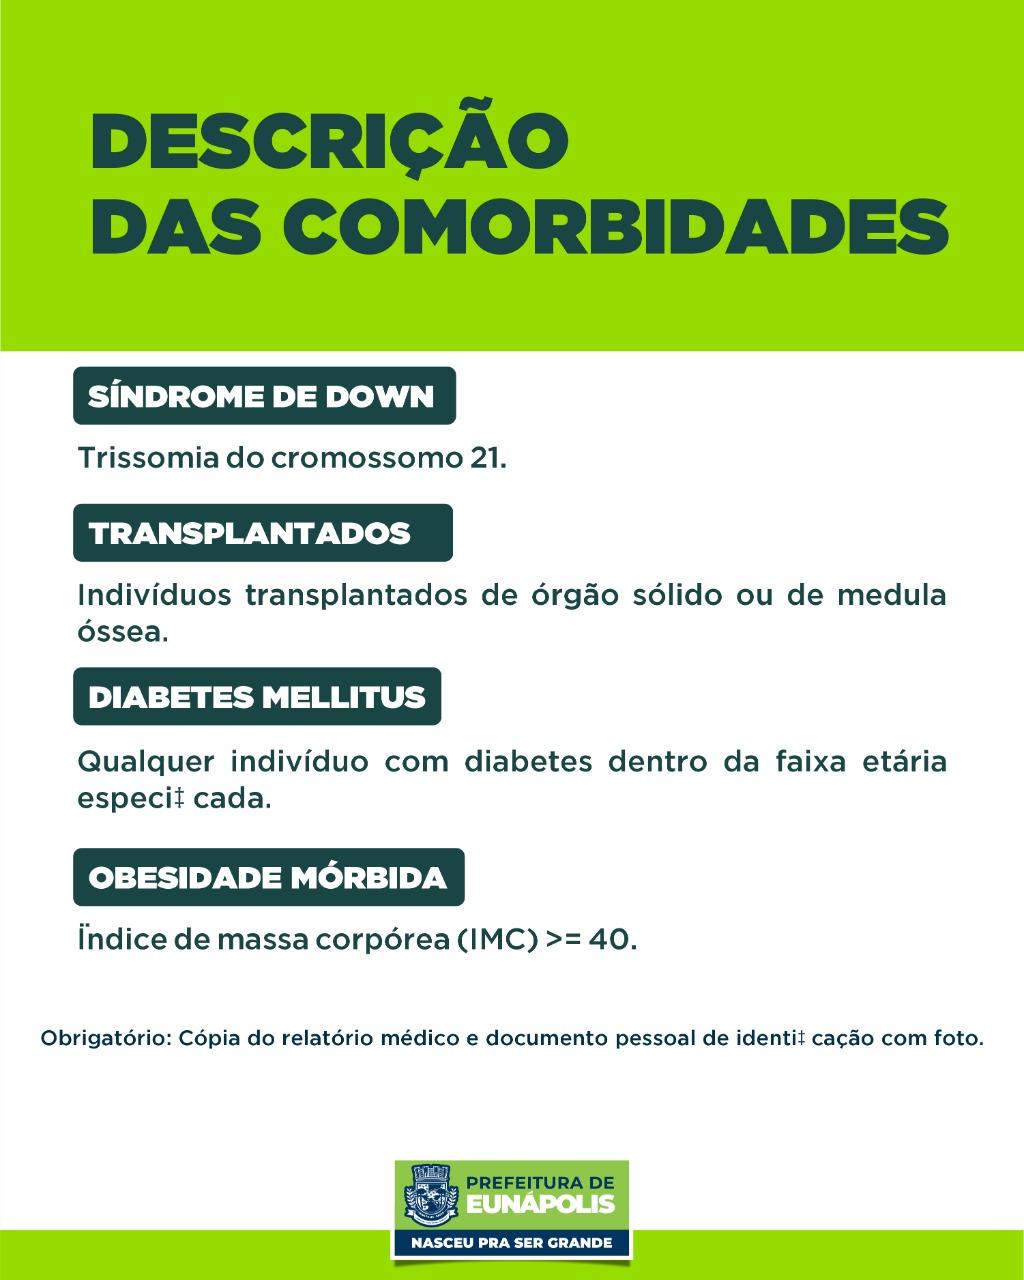 Secretaria de Saúde de Eunápolis informa o cronograma da semana de vacinação contra à Covid-19 34